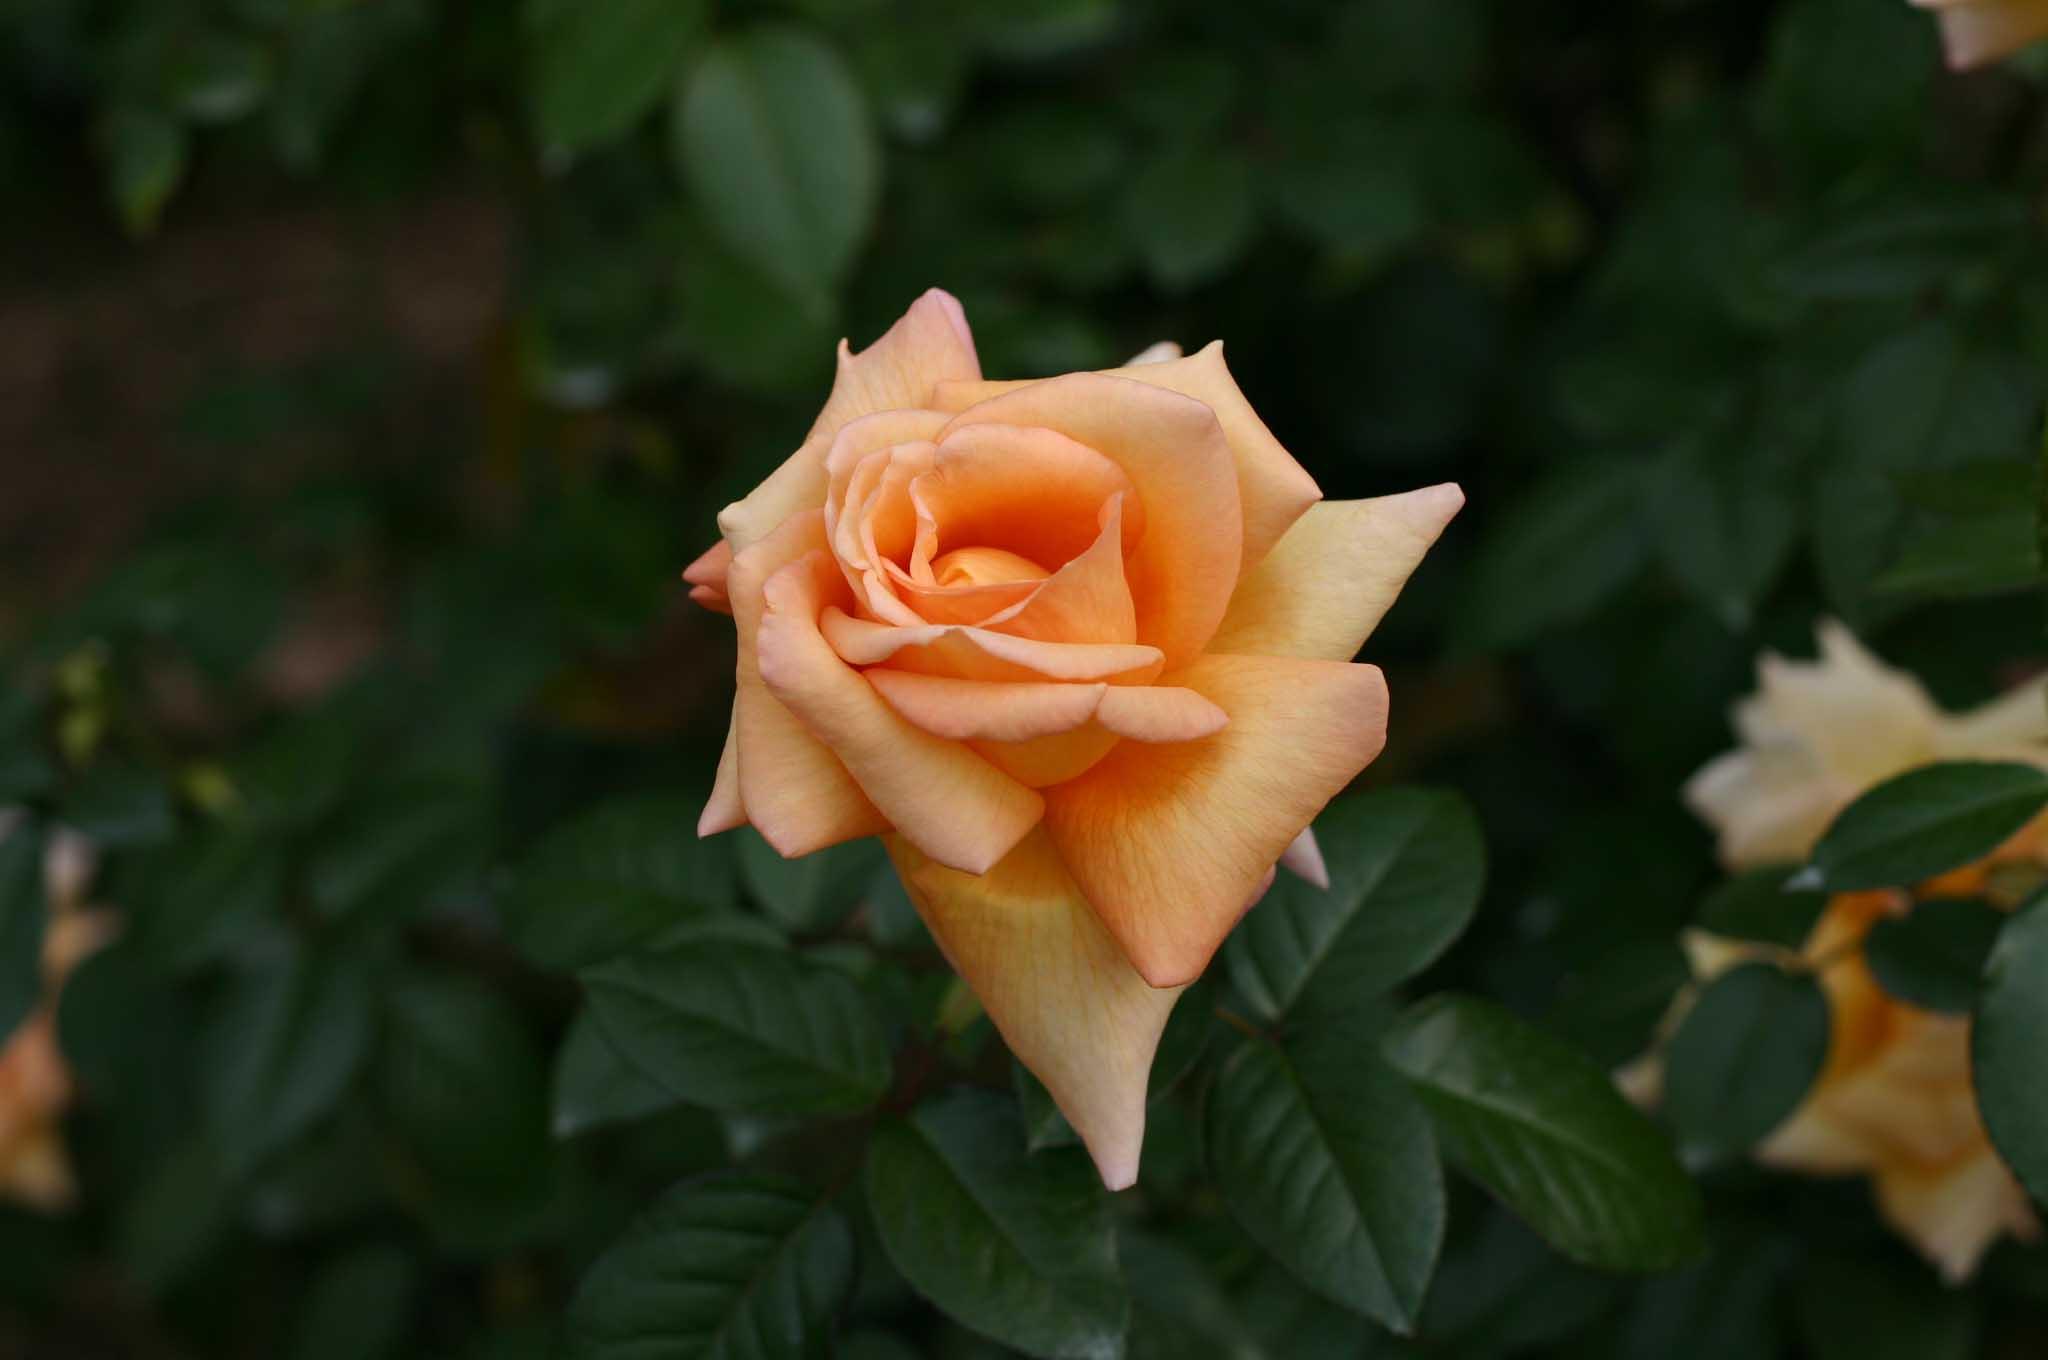 花壇に植えられていた薔薇の花